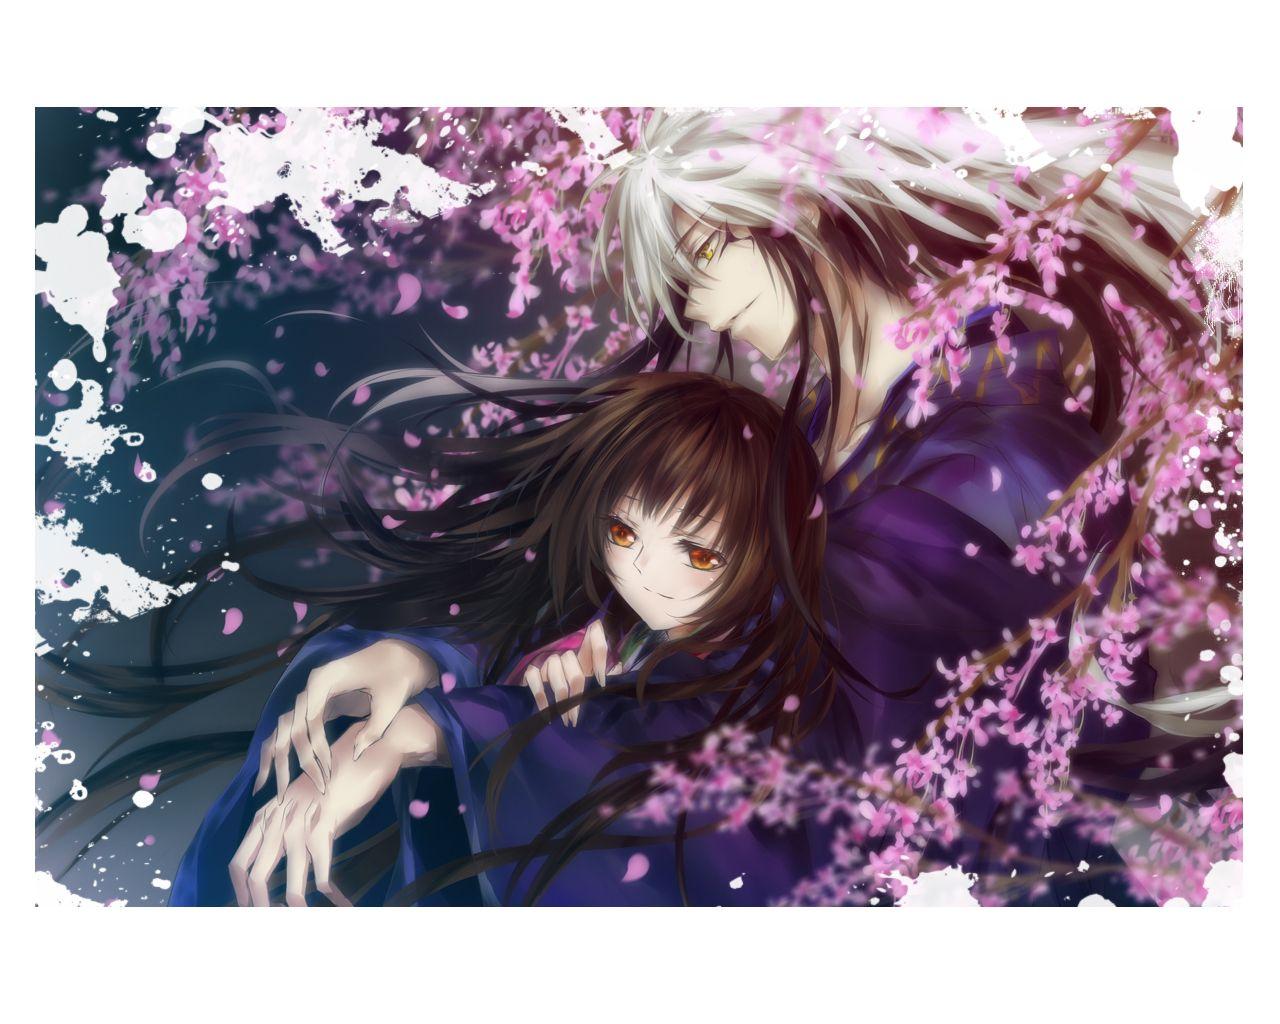 Wallpapers Nurarihyon No Mago Anime Girls Photo 291404 Anime Art Fantasy Anime Anime Love